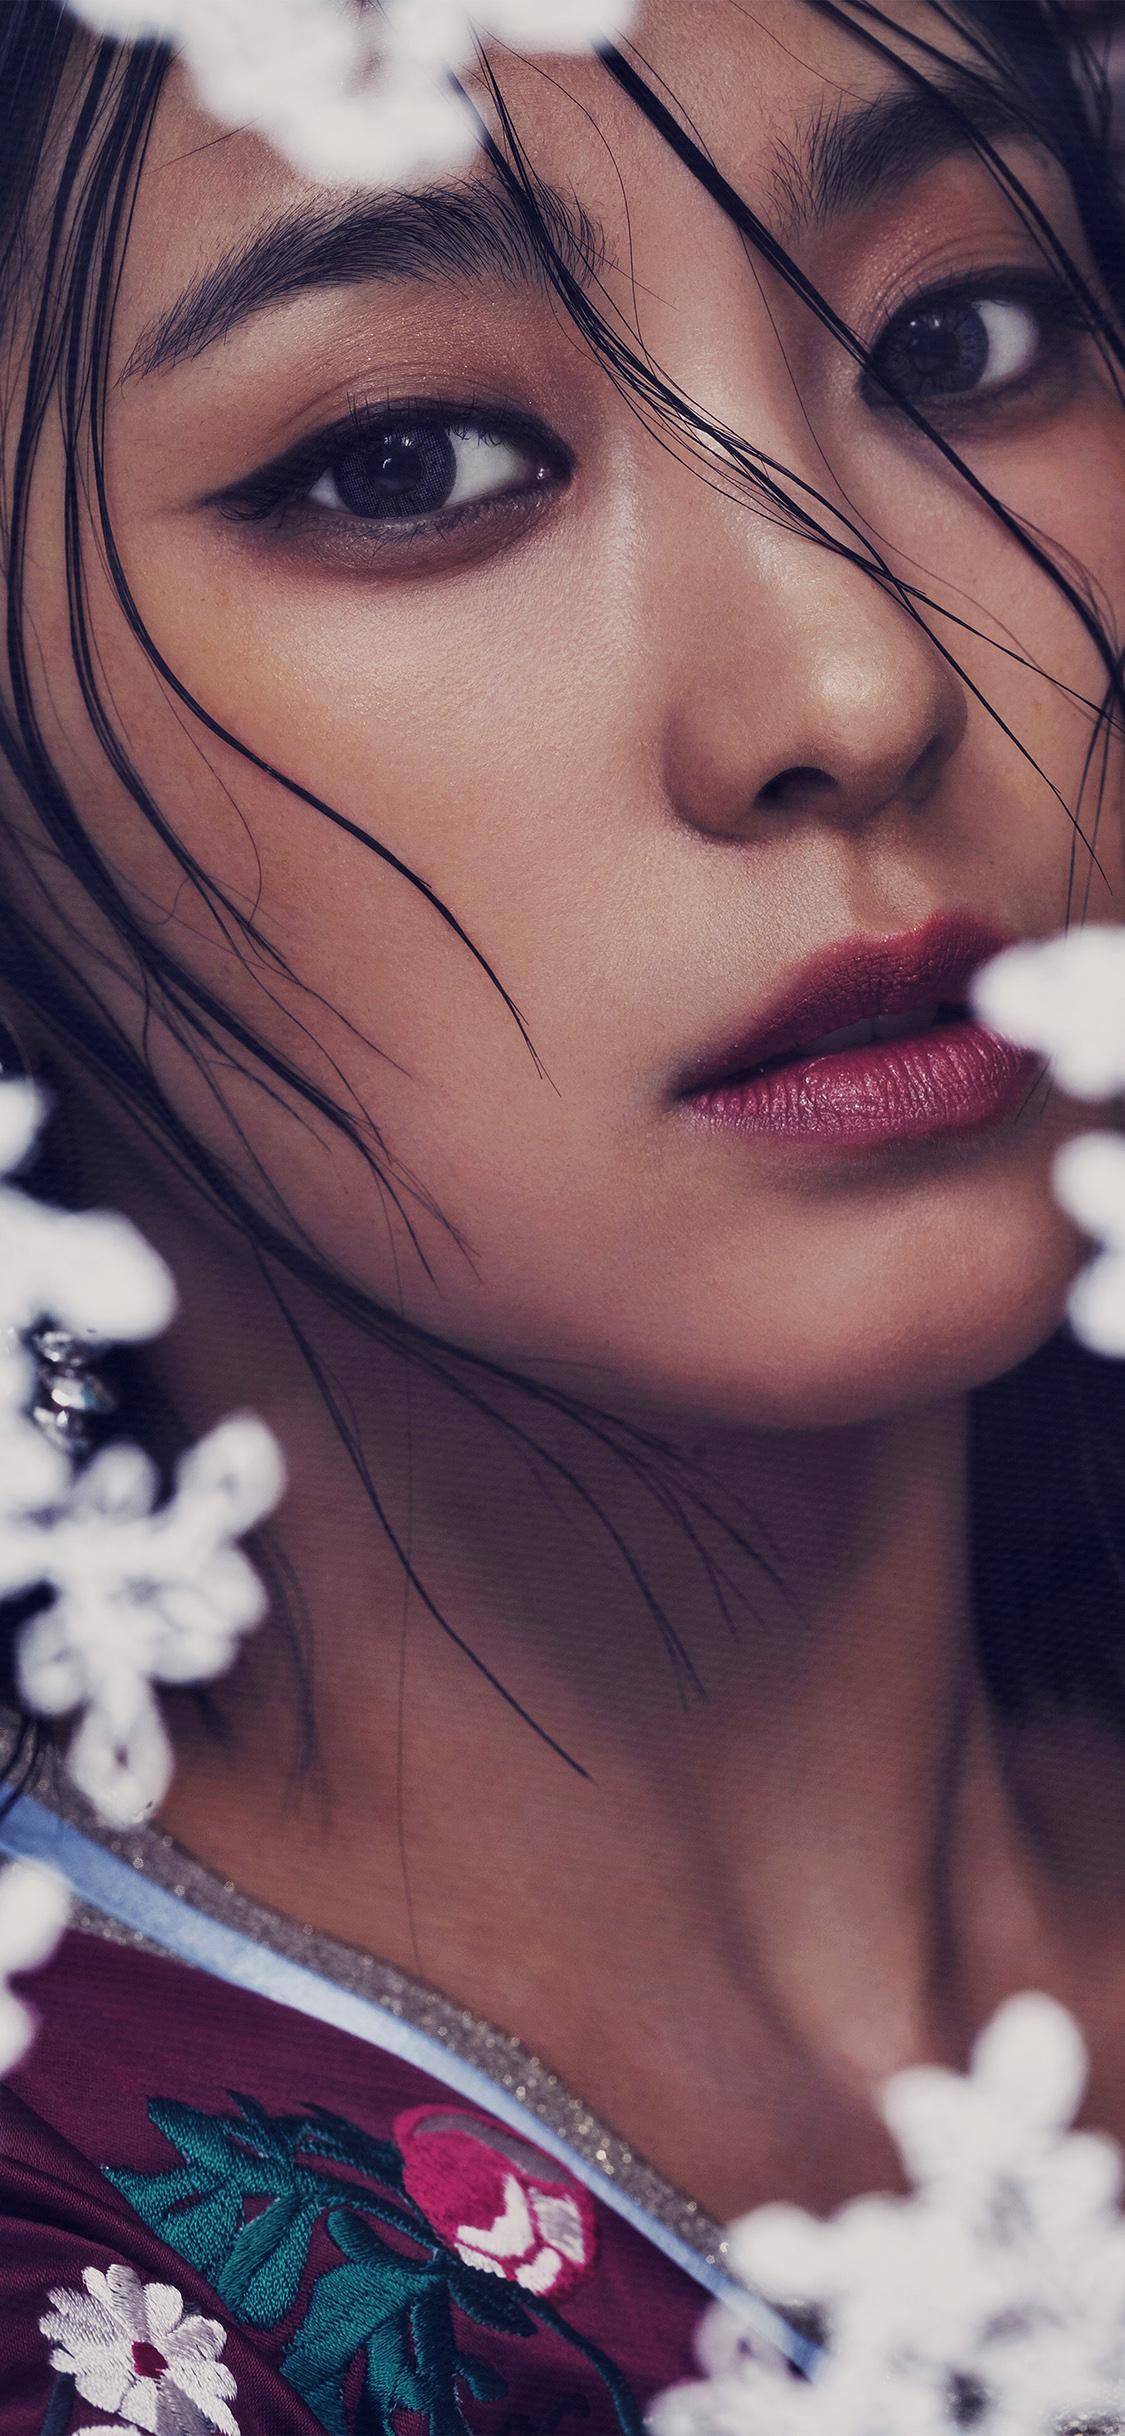 Hj20 Kpop Sistar Summer Girl Face Music - Kpop Live Wallpaper Iphone , HD Wallpaper & Backgrounds